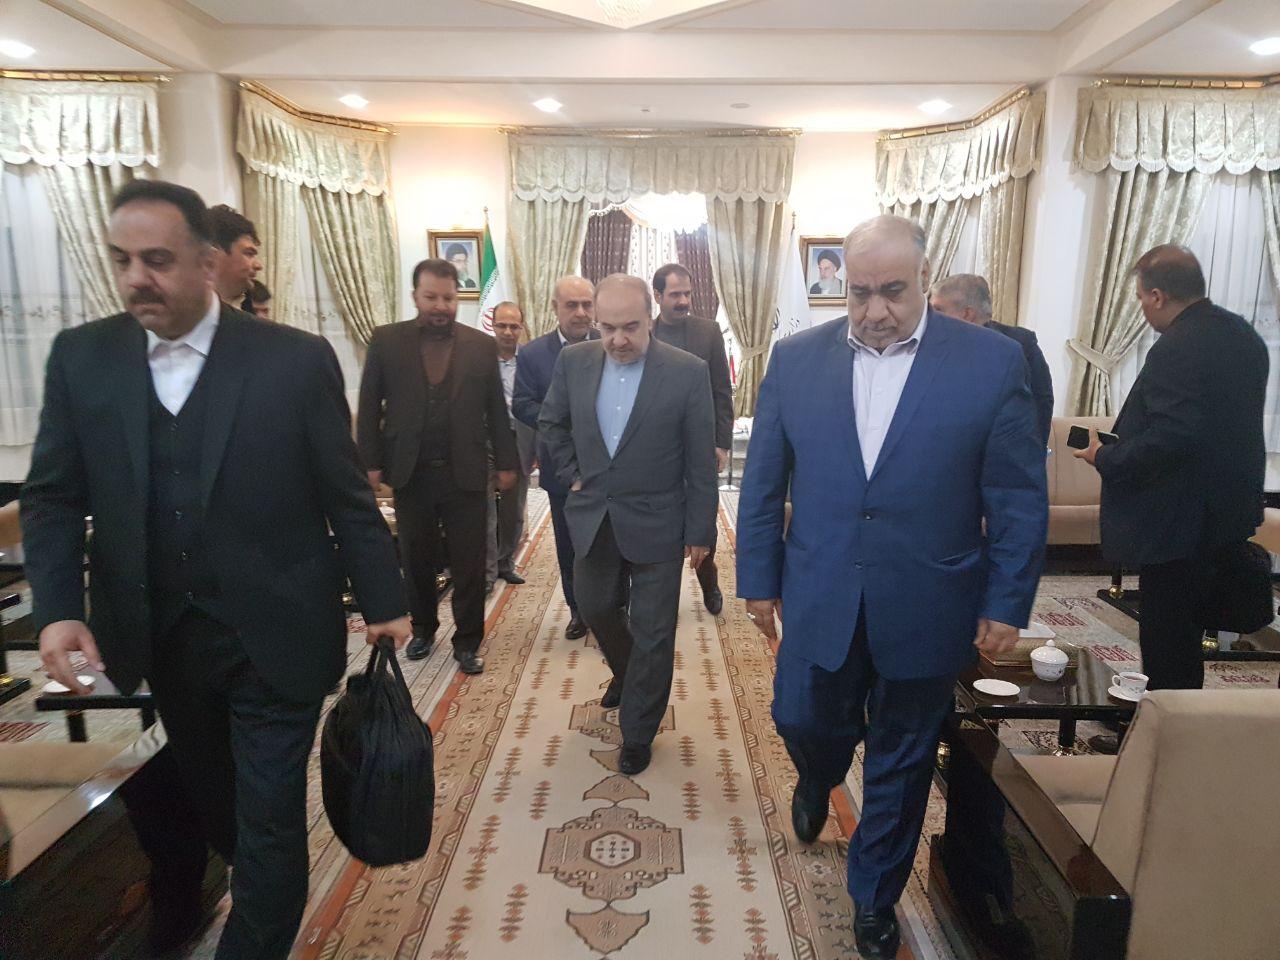 وزیر ورزش و جوانان  صبح امروز  وارد کرمانشاه شد